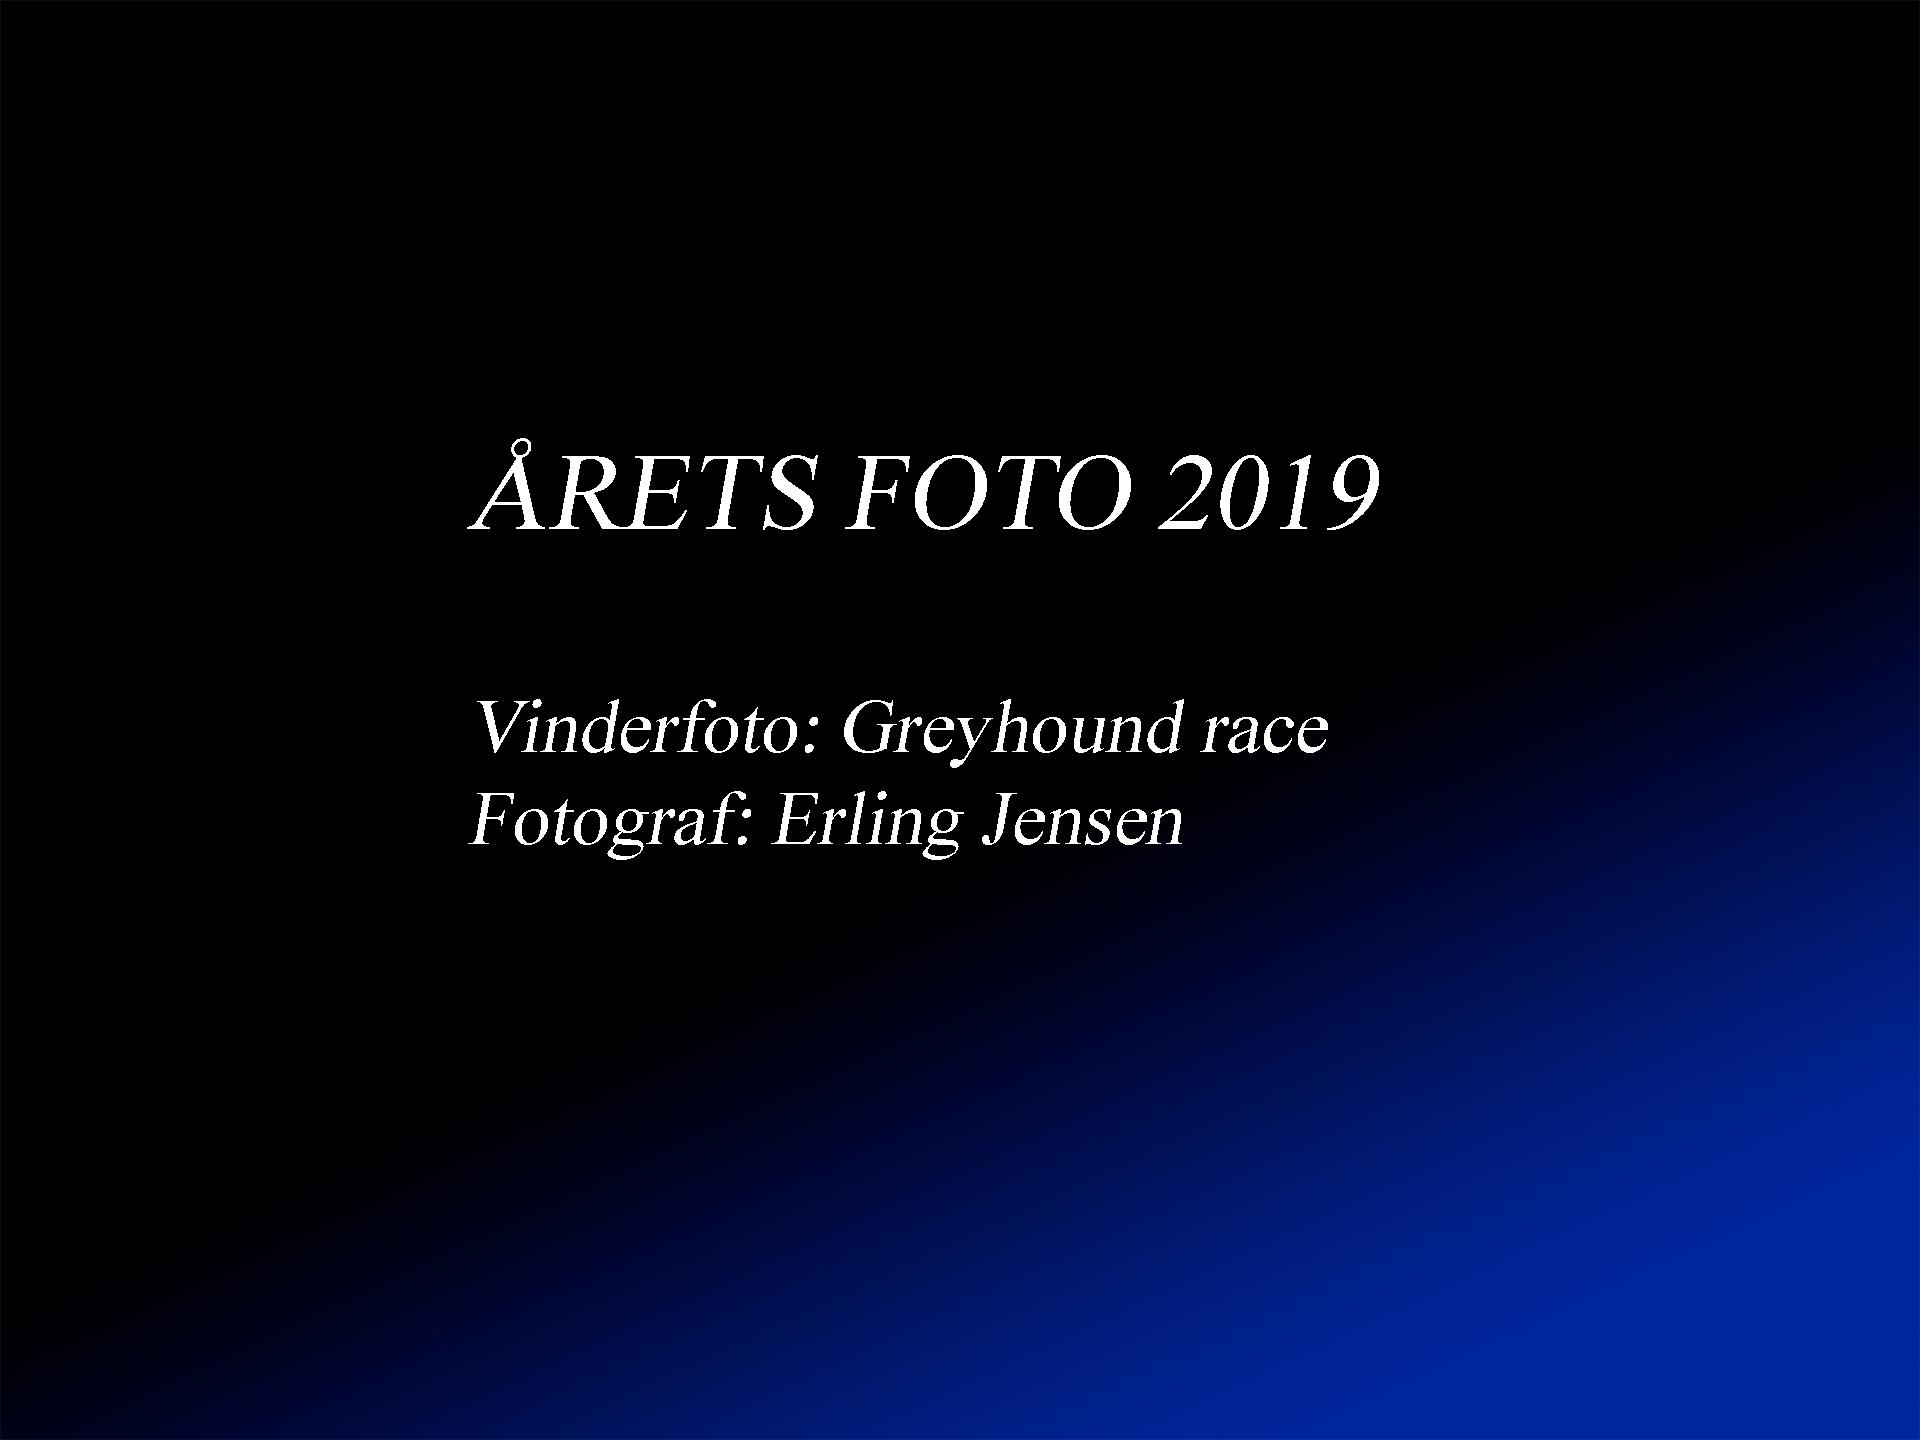 Vinder_af_Årets_foto_2019.jpg